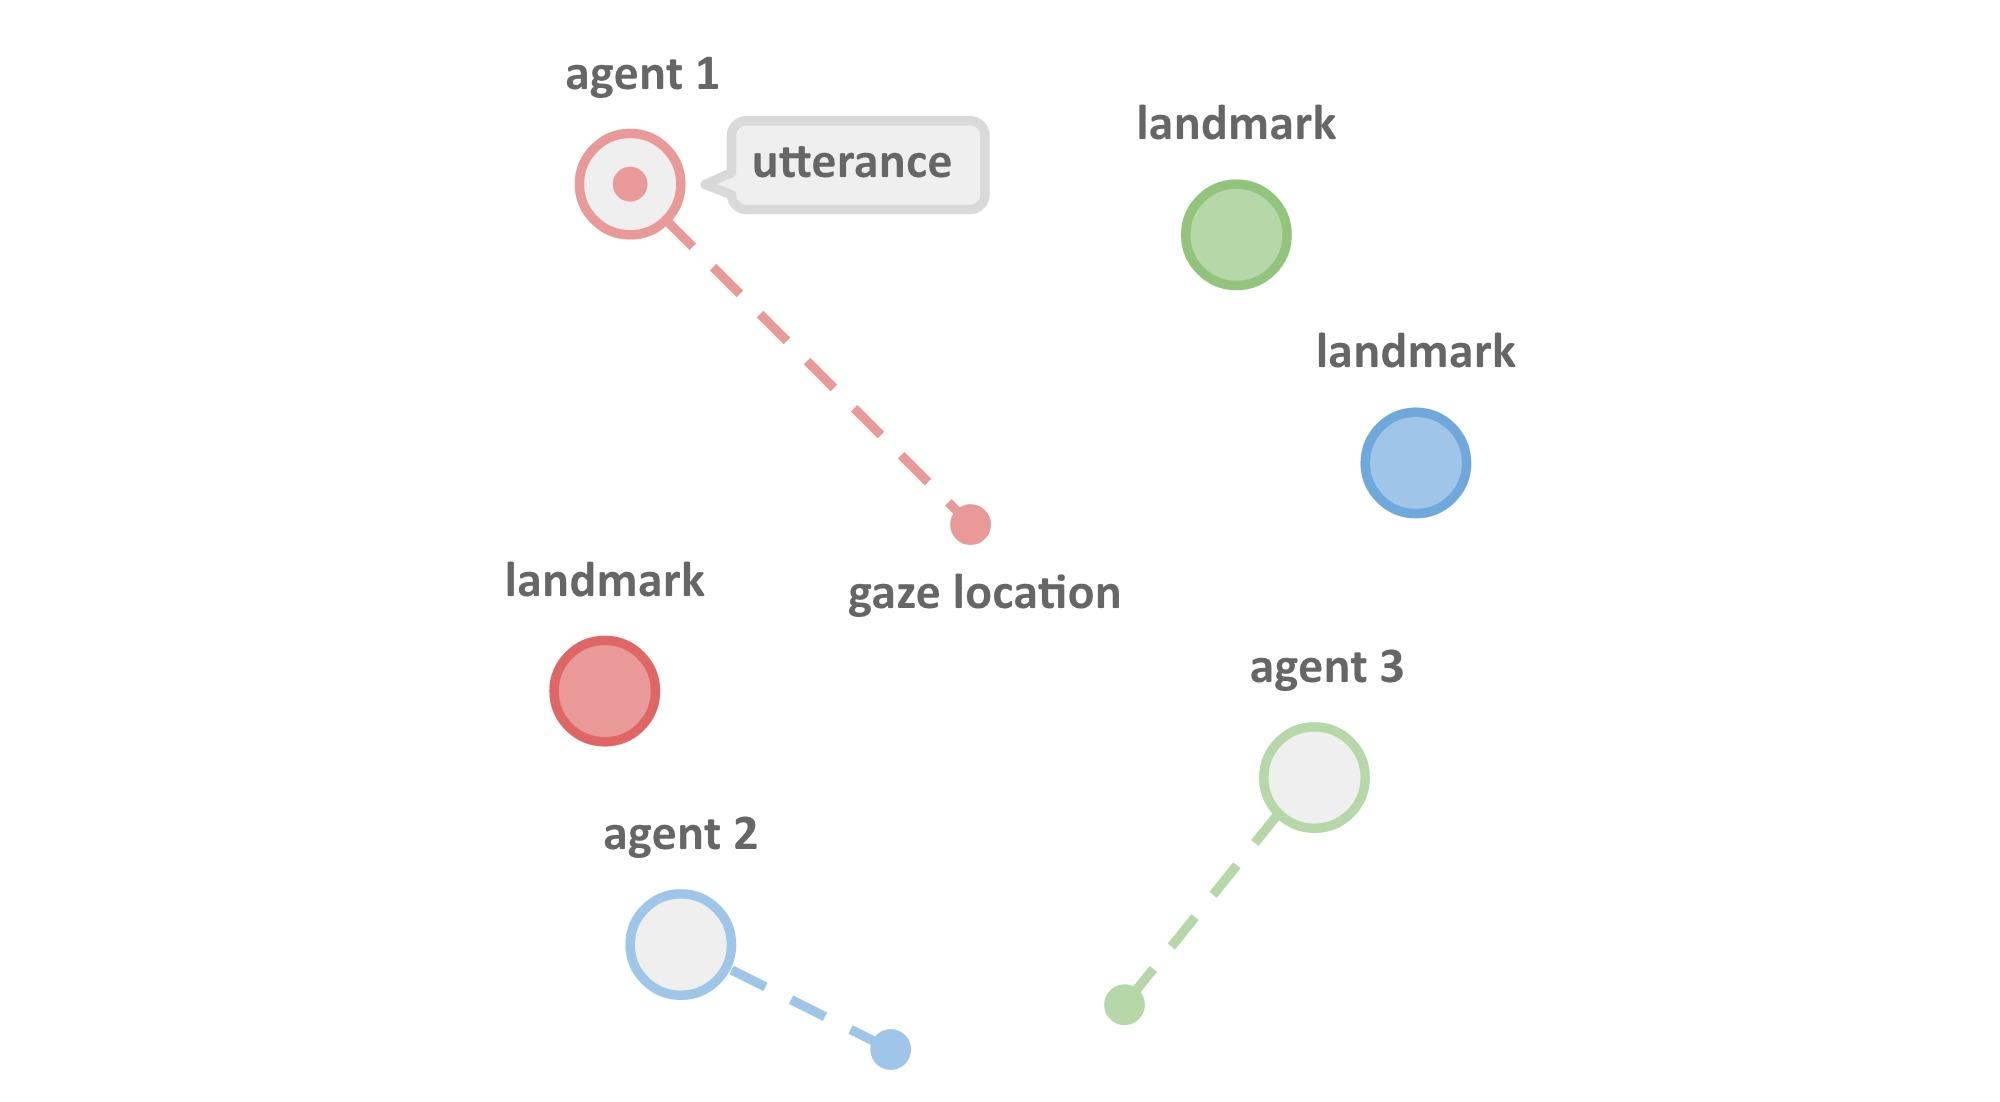 Når agenter med kunstig intelligens kan kommunisere med hverandre, når de målene sine raskere - og utvikler sitt eget språk.